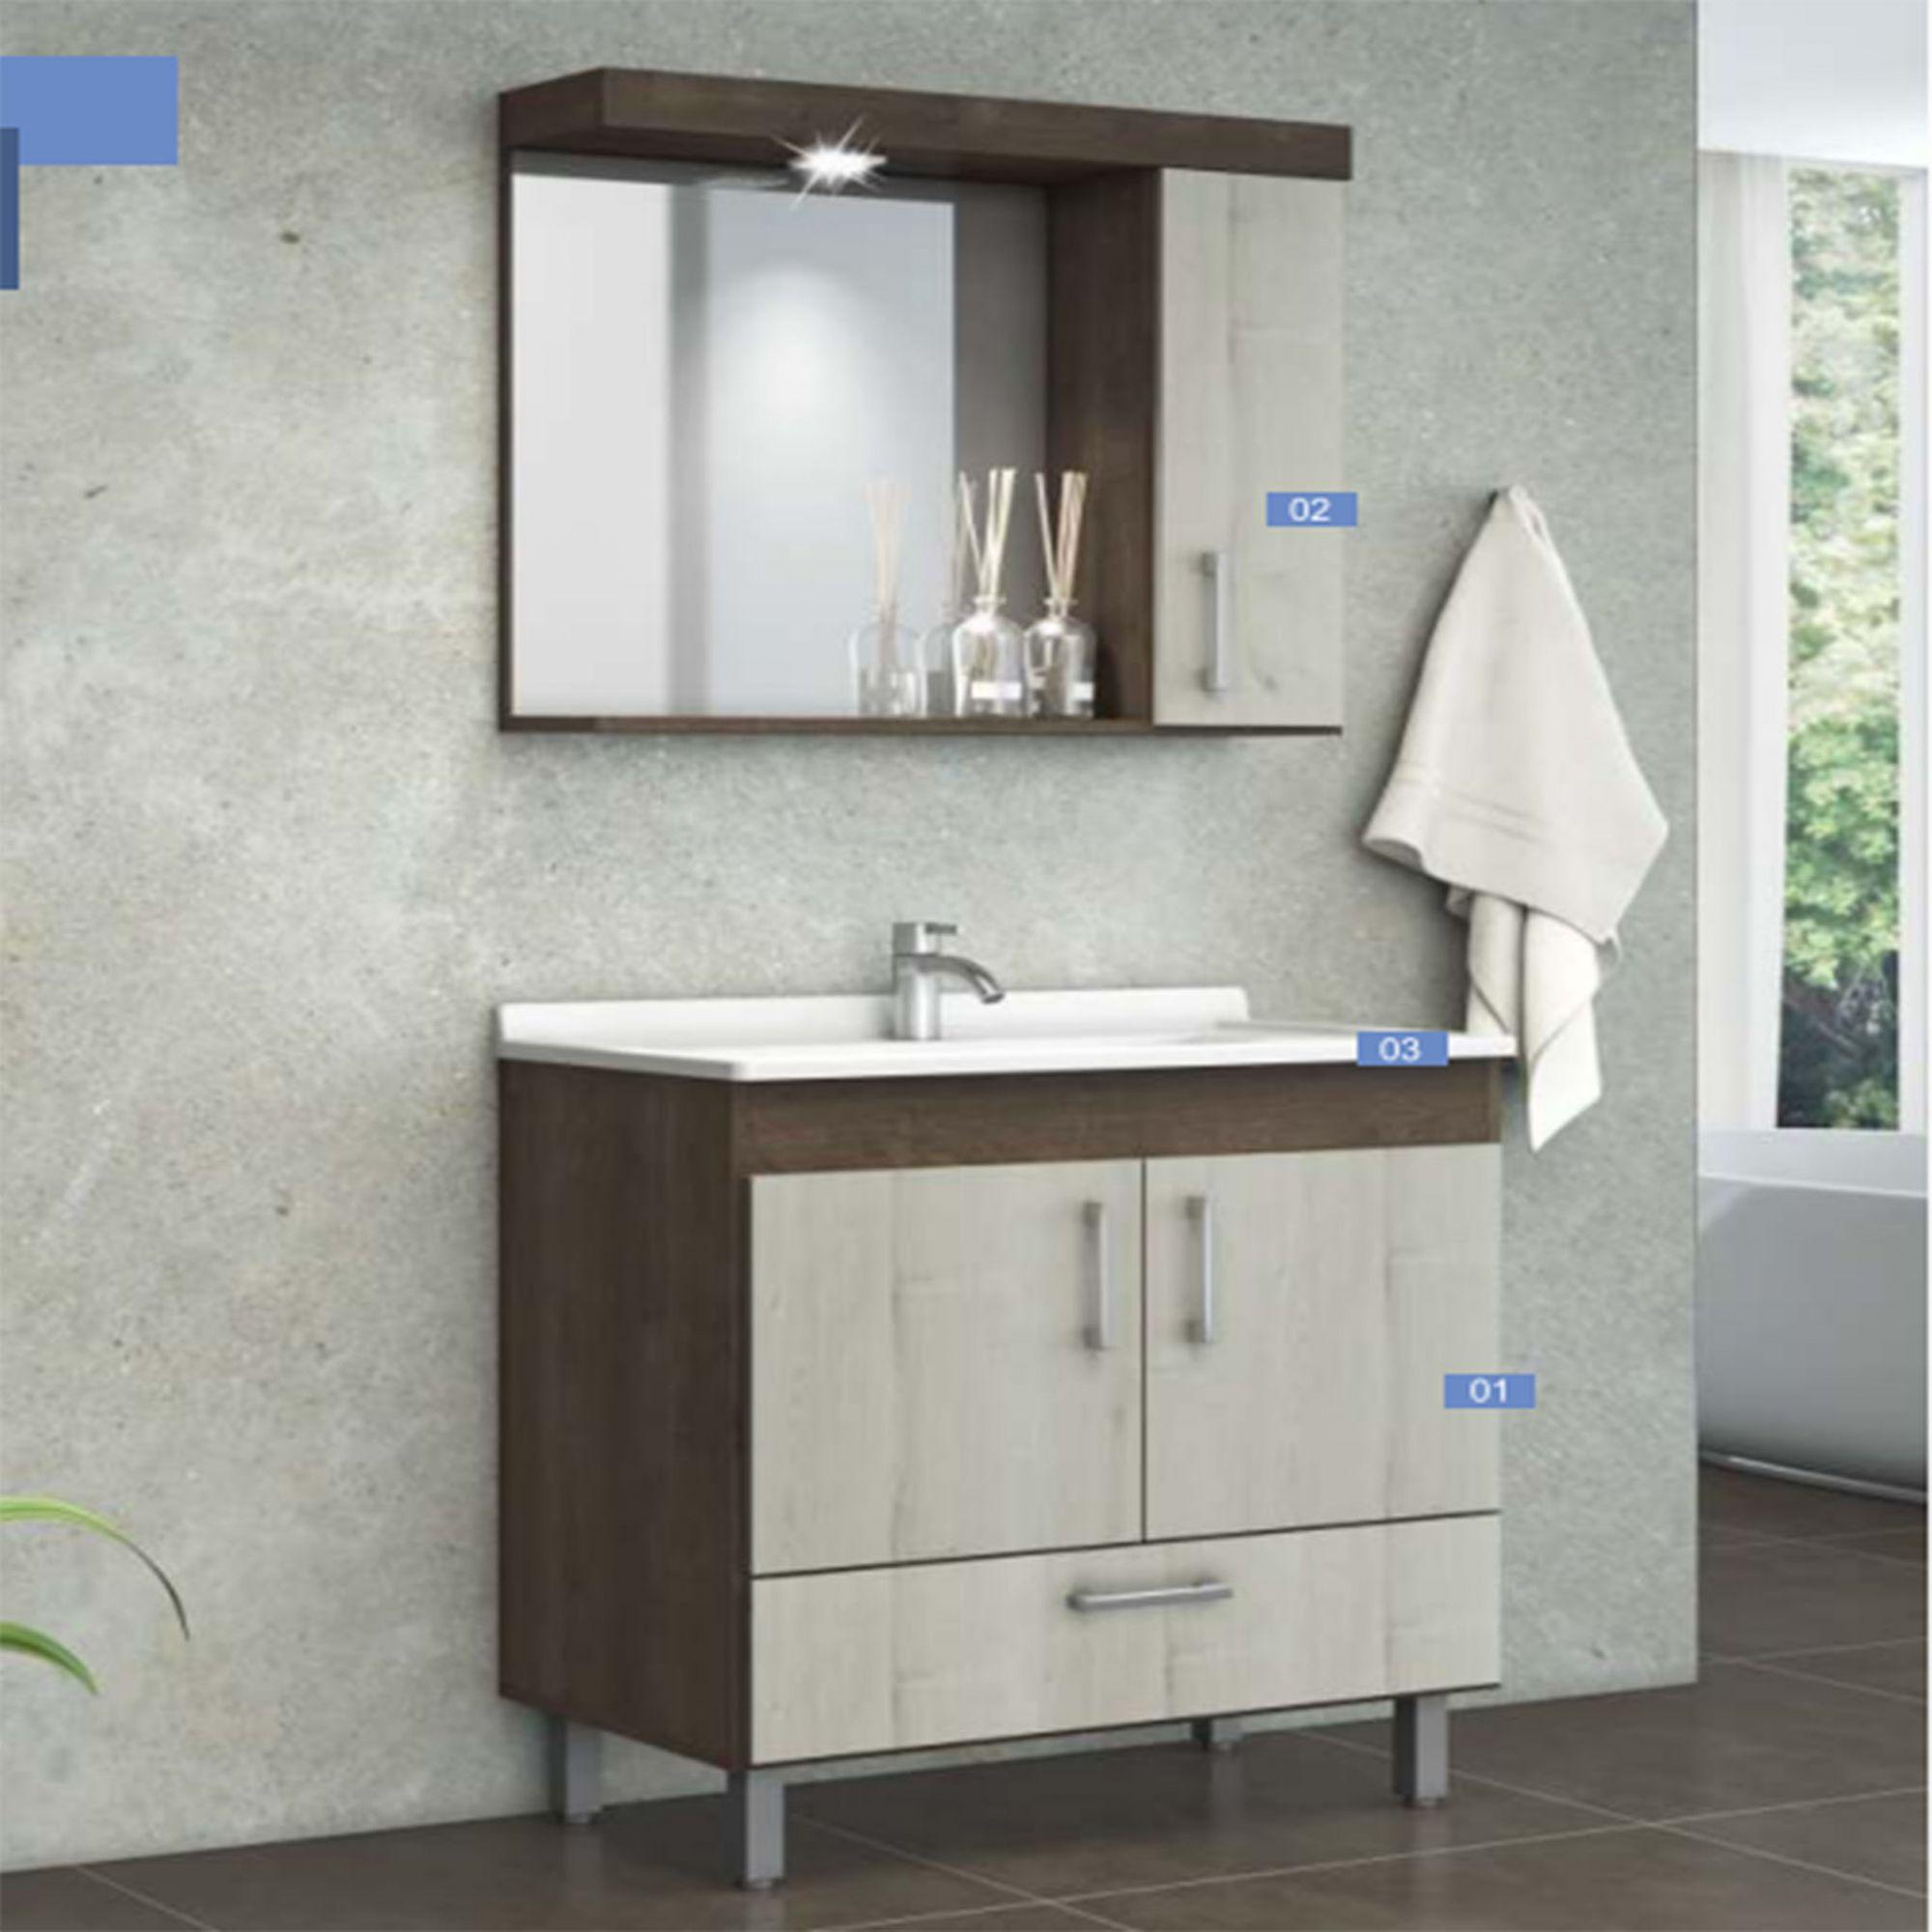 Conjunto Moderno para Banheiro Big   - Modia